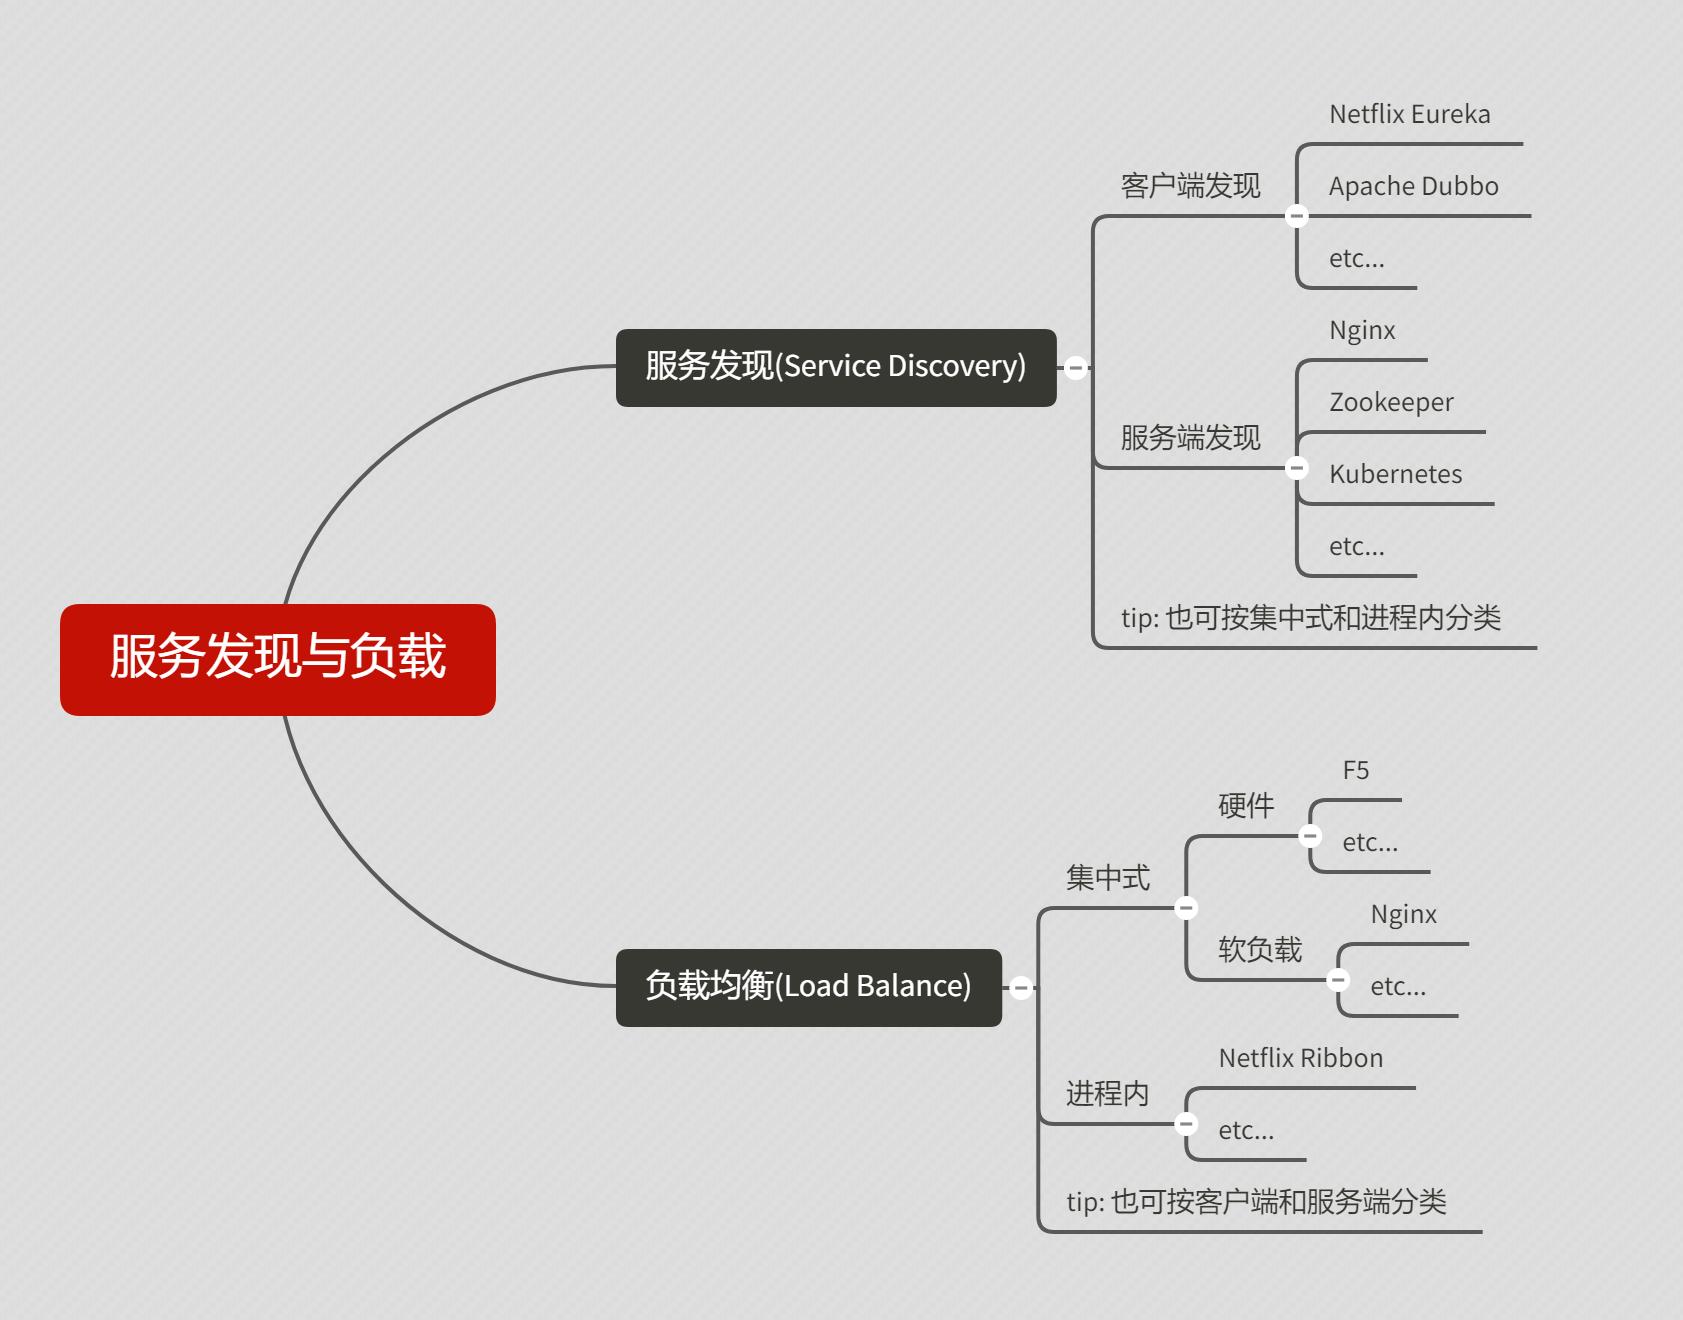 服务发现与负载模式分类